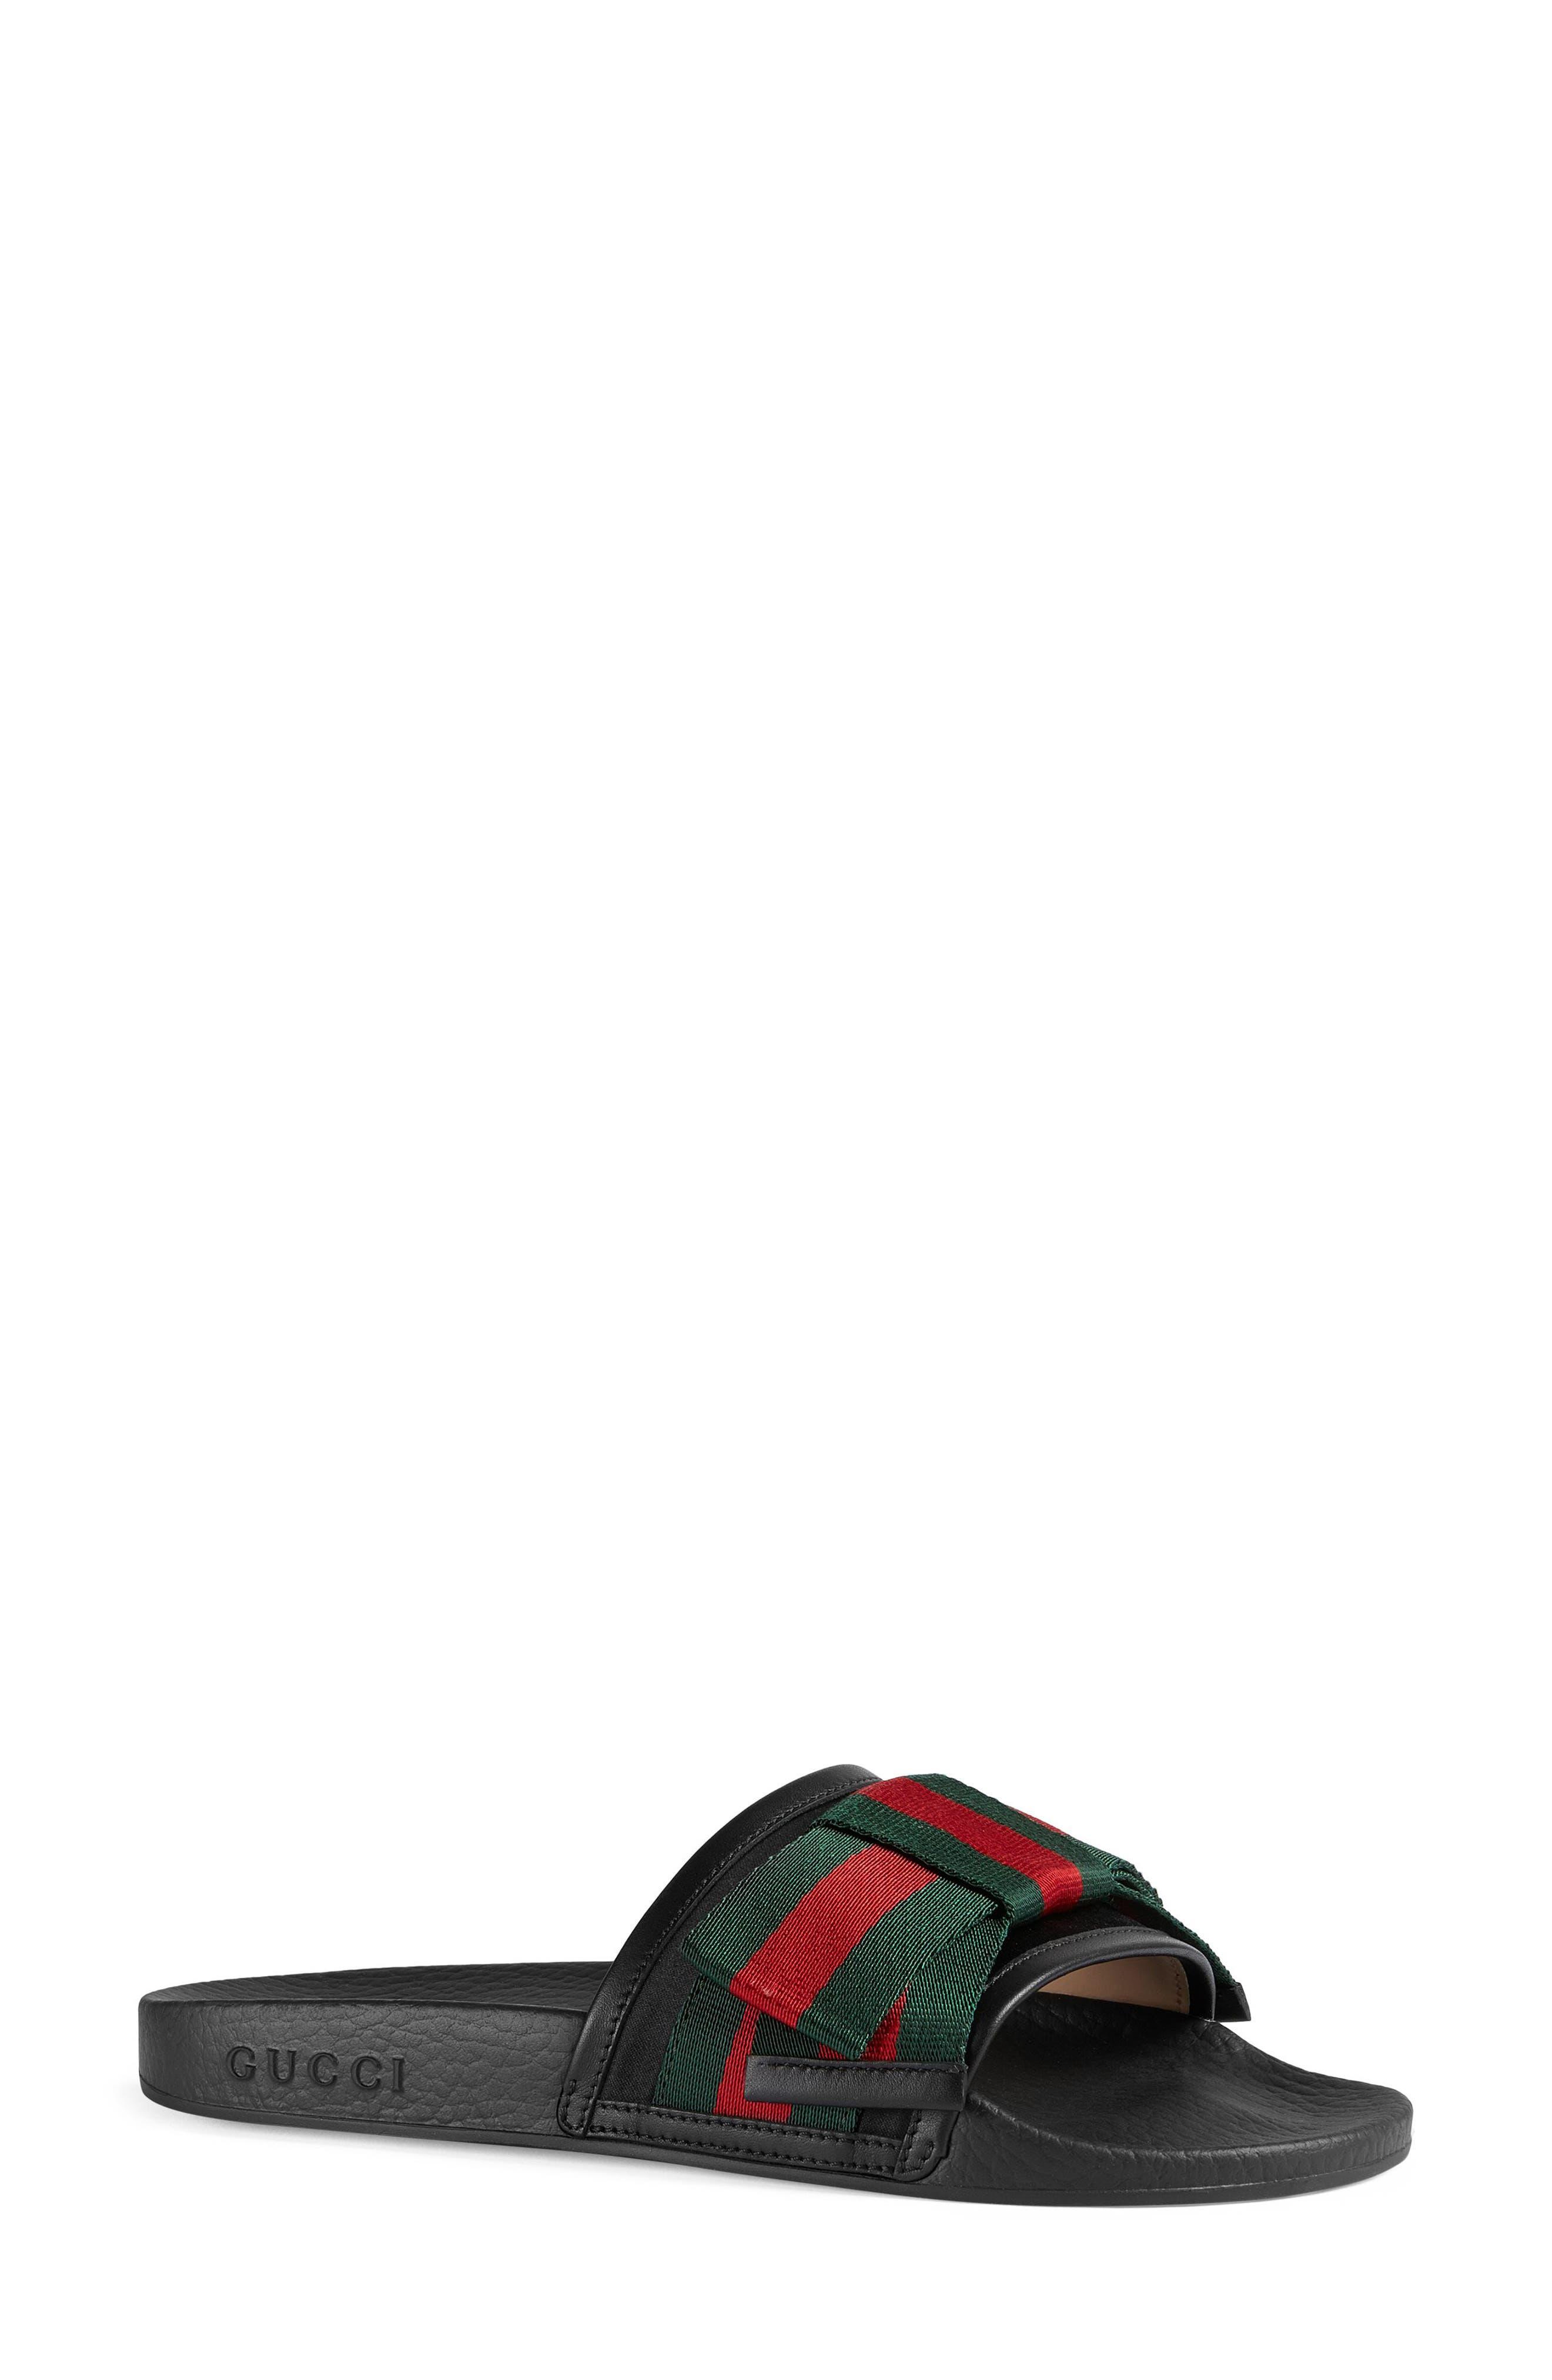 ede85234d6bb Women s Gucci Flat Heeled Sandals